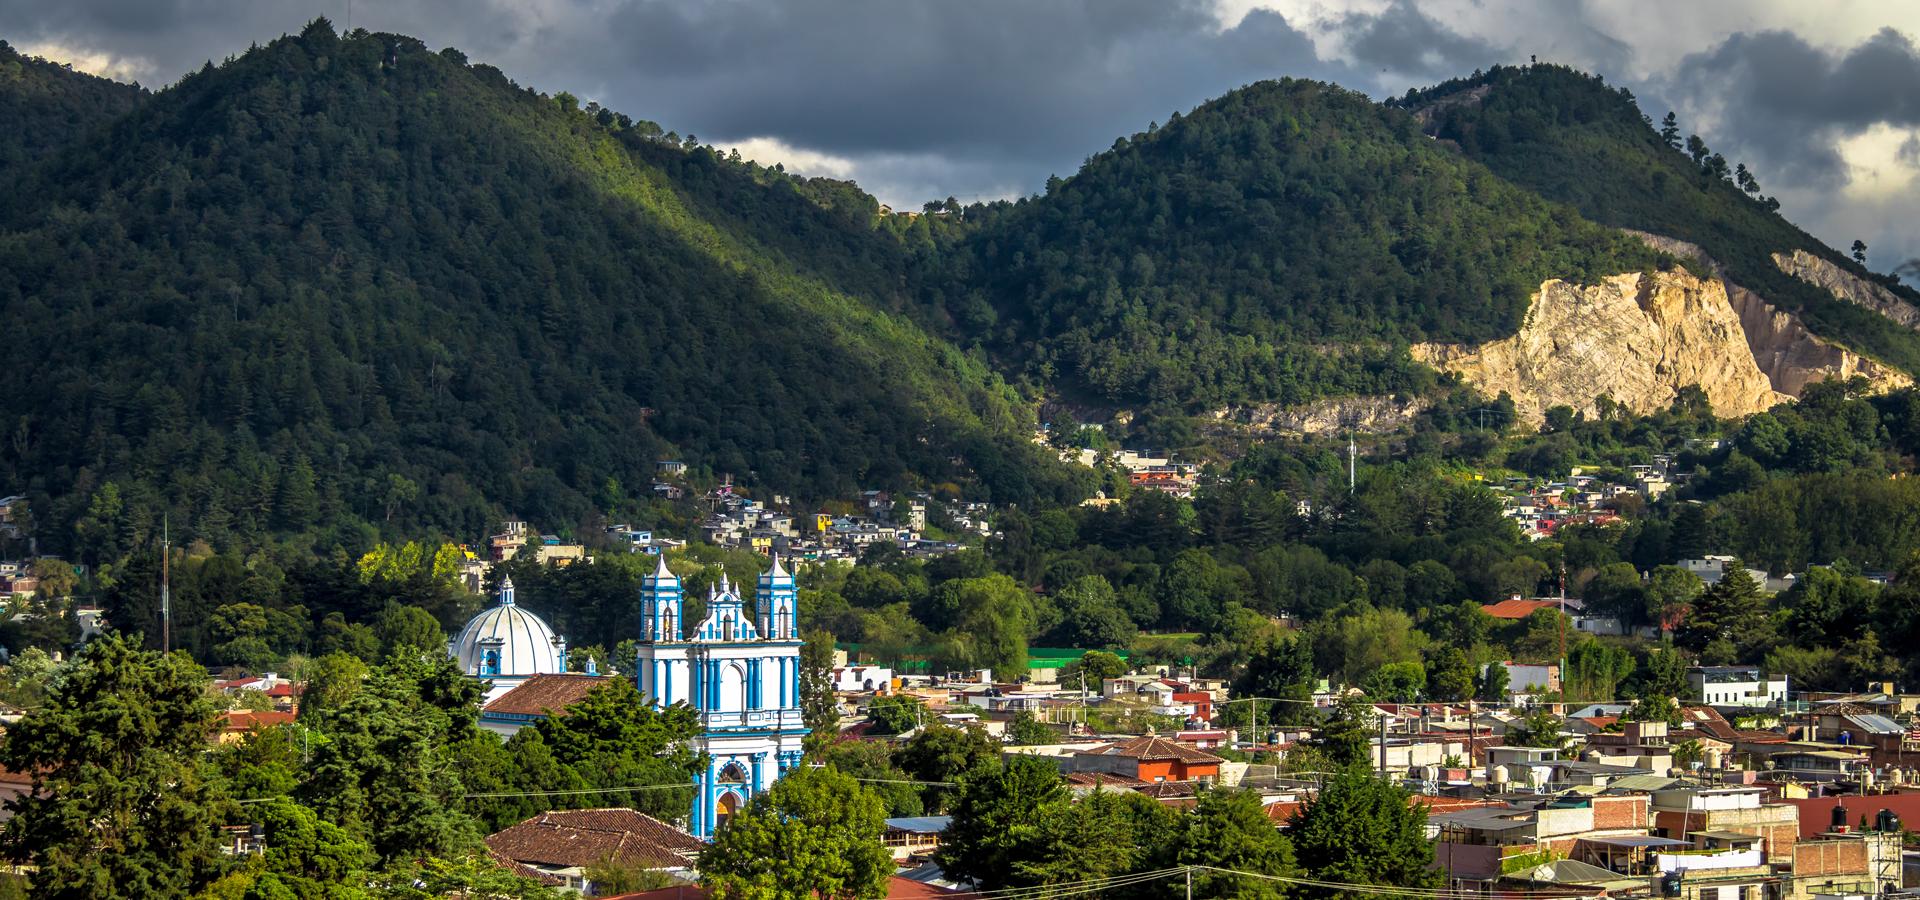 Peer-to-peer advisory in Tuxtla Gutiérrez, Chiapas, Mexico